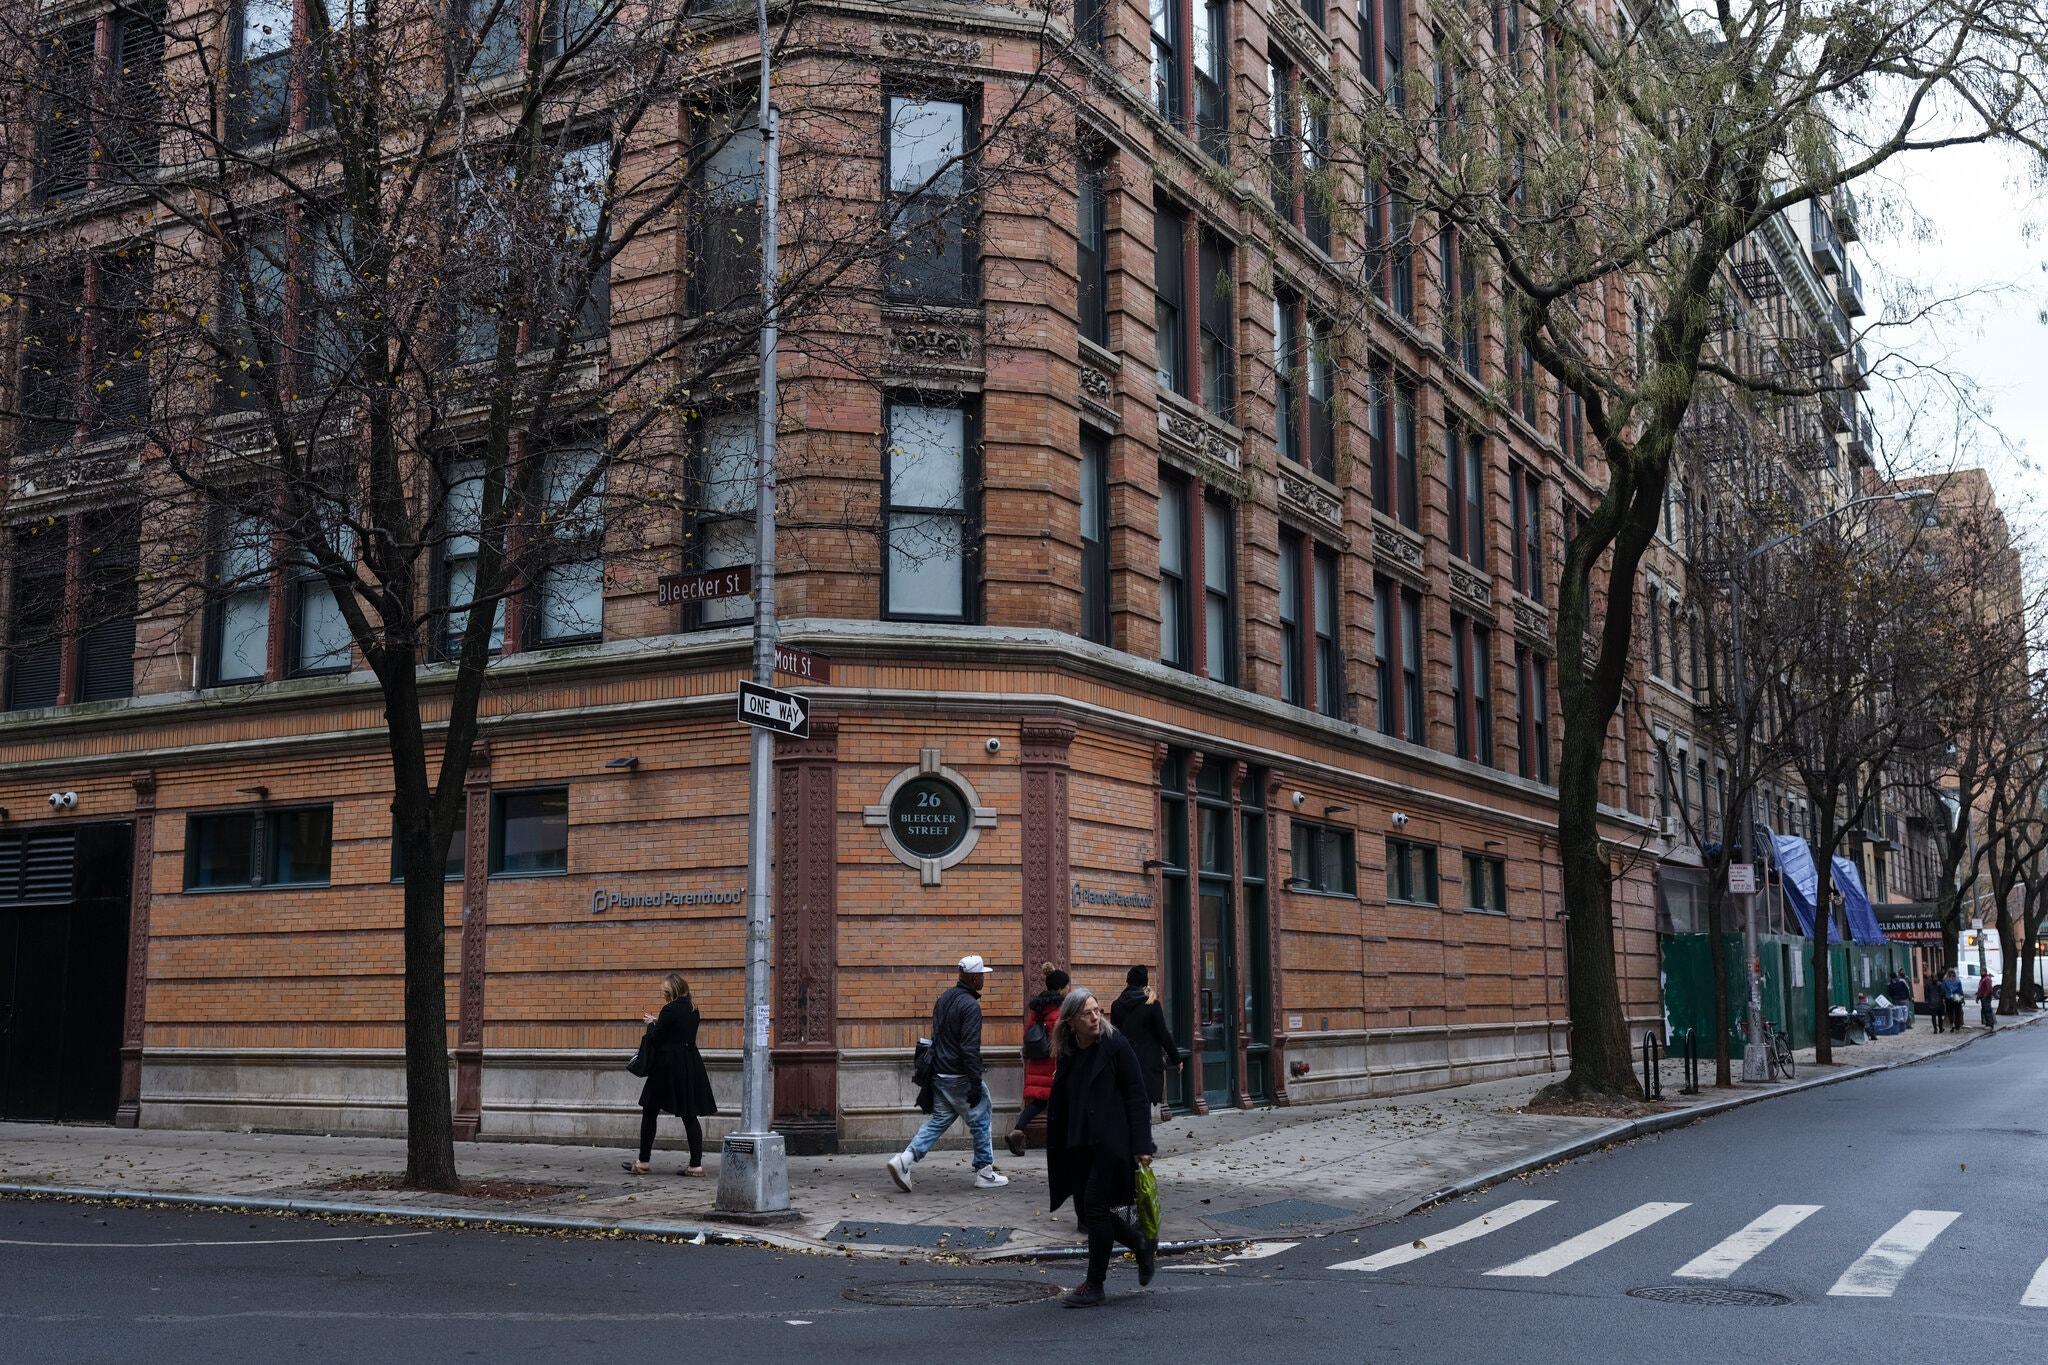 Margaret Sanger PP (New York) -- pic 1 (name change)